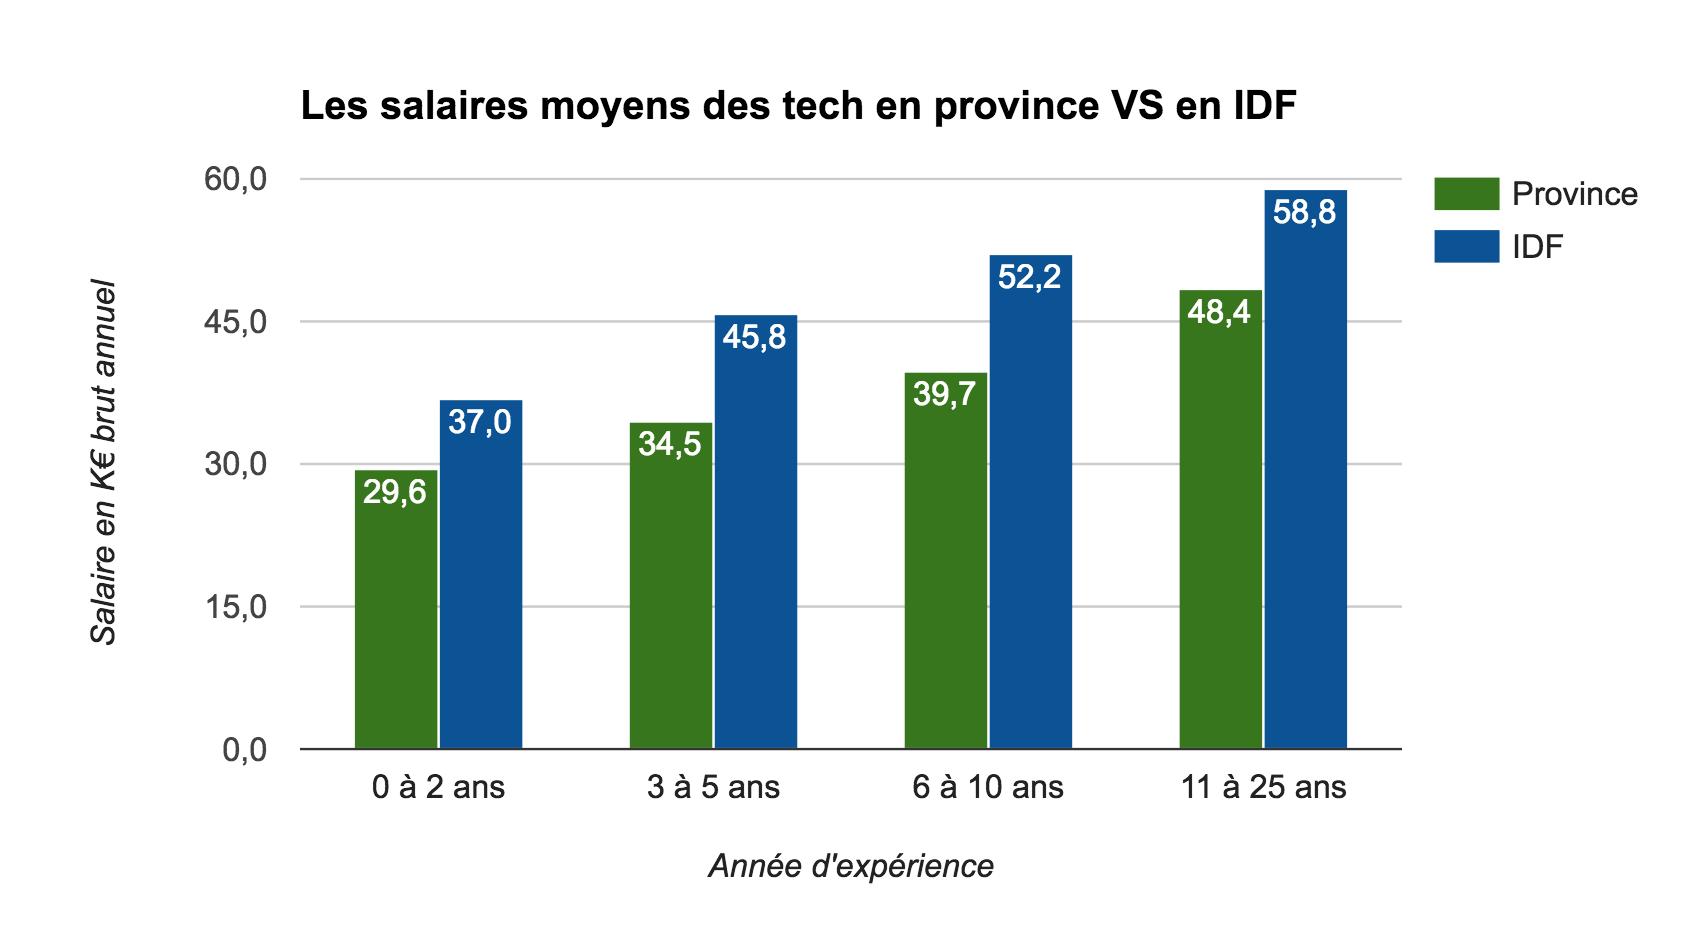 JobProd-Les-salaires-moyens-des-tech-en-province-VS-en-IDF